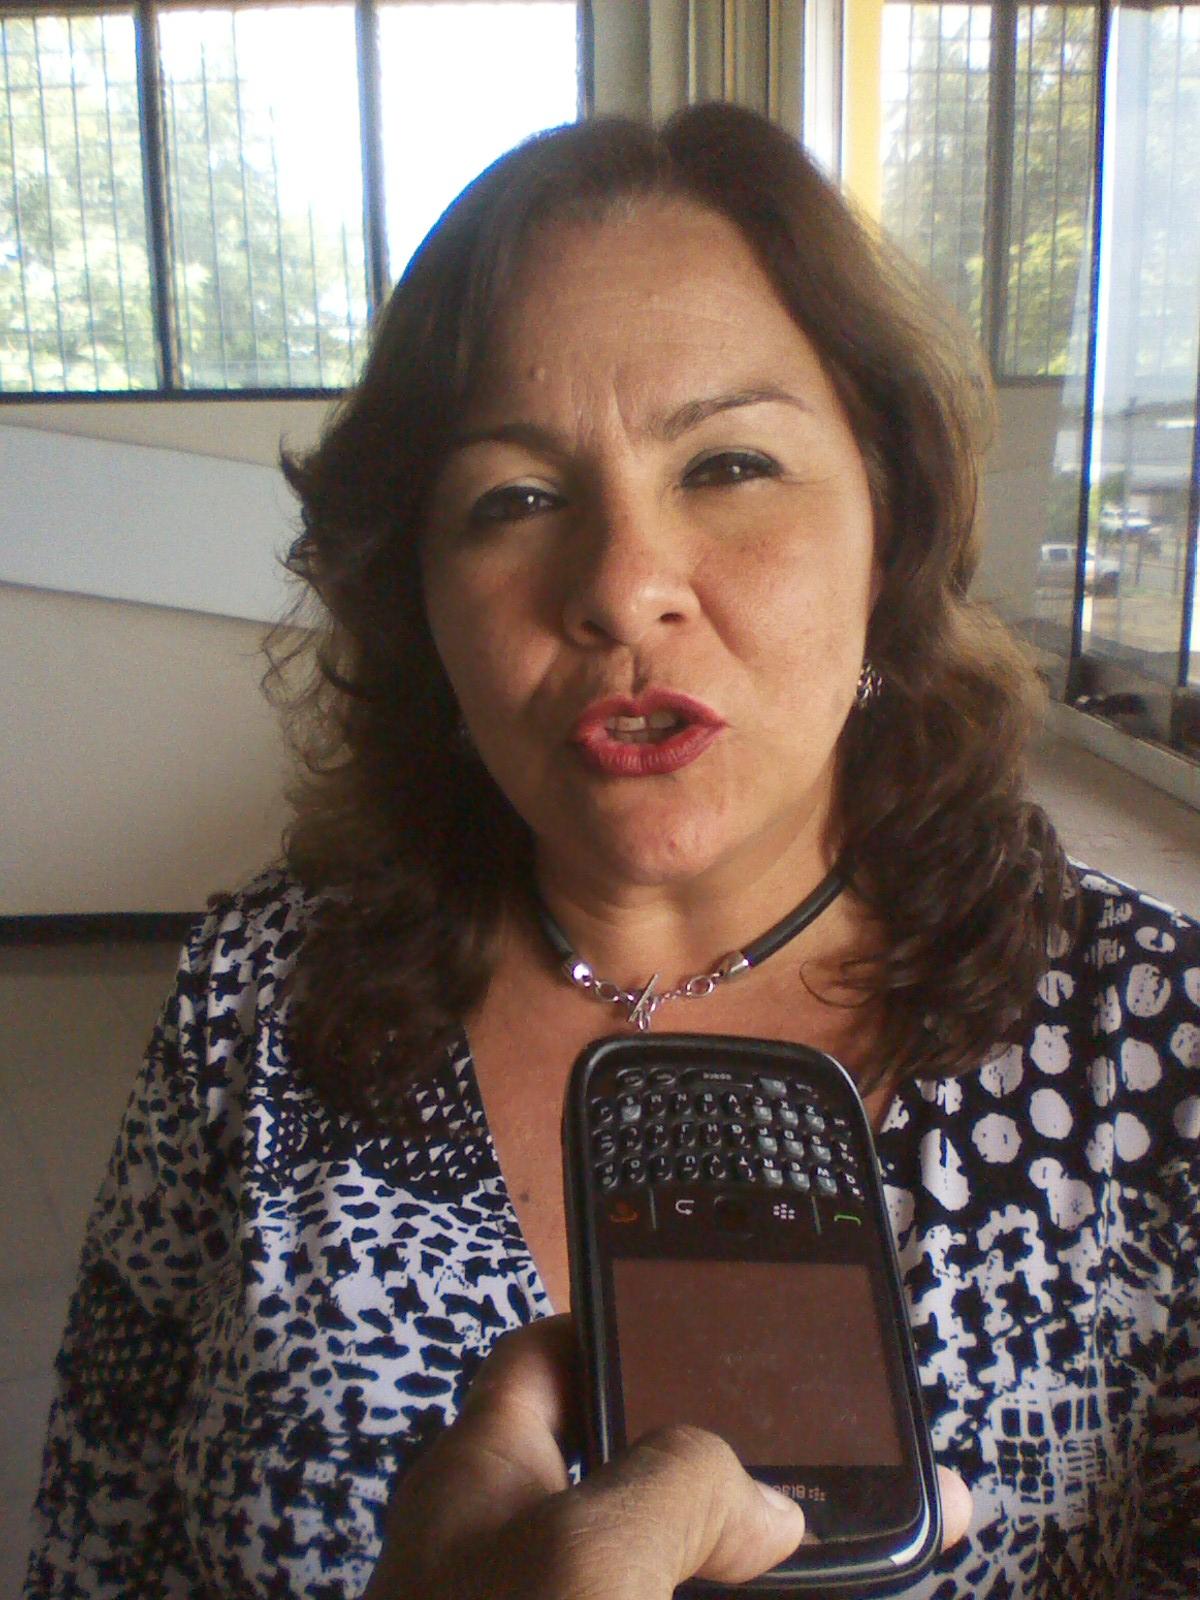 La nueva presidenta de Consecomercio María Carolina Uzcategui señaló que ante la actual crisis que vive el país esta en peligro la economía